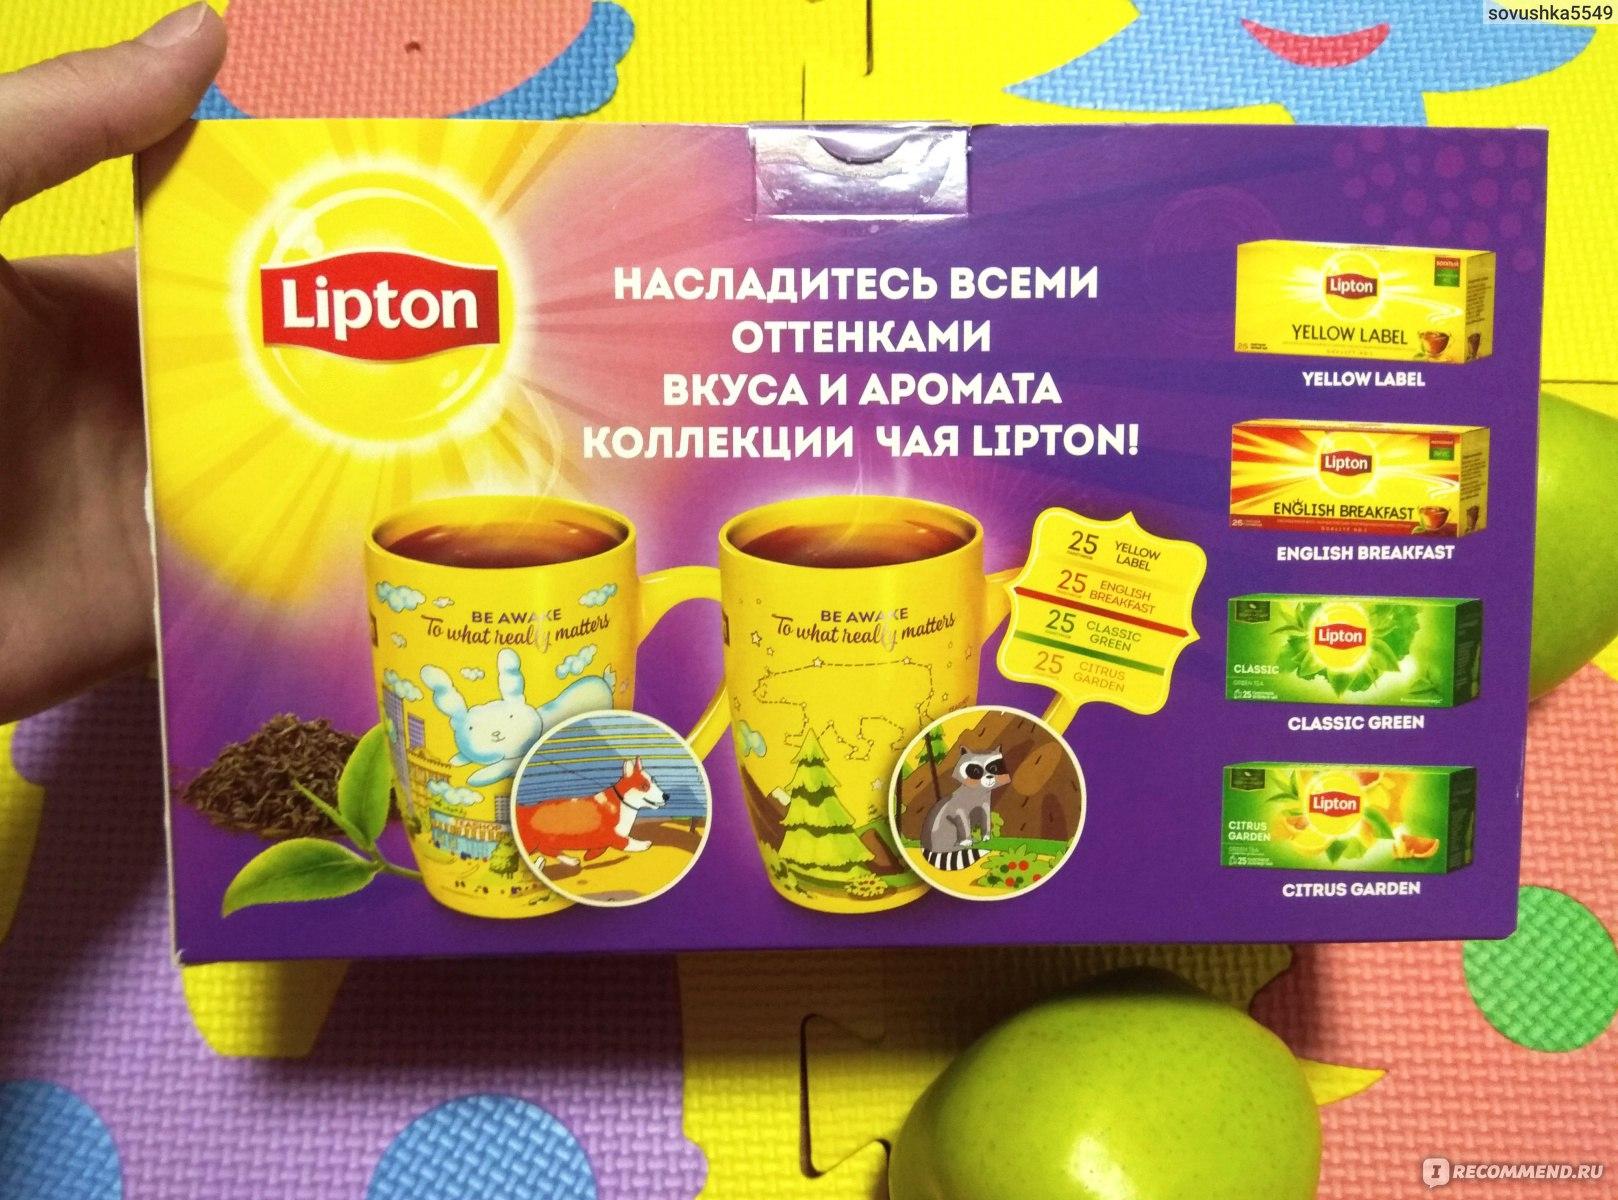 Чай Lipton в Беларуси. Сравнить цены и поставщиков промышленных товаров 828